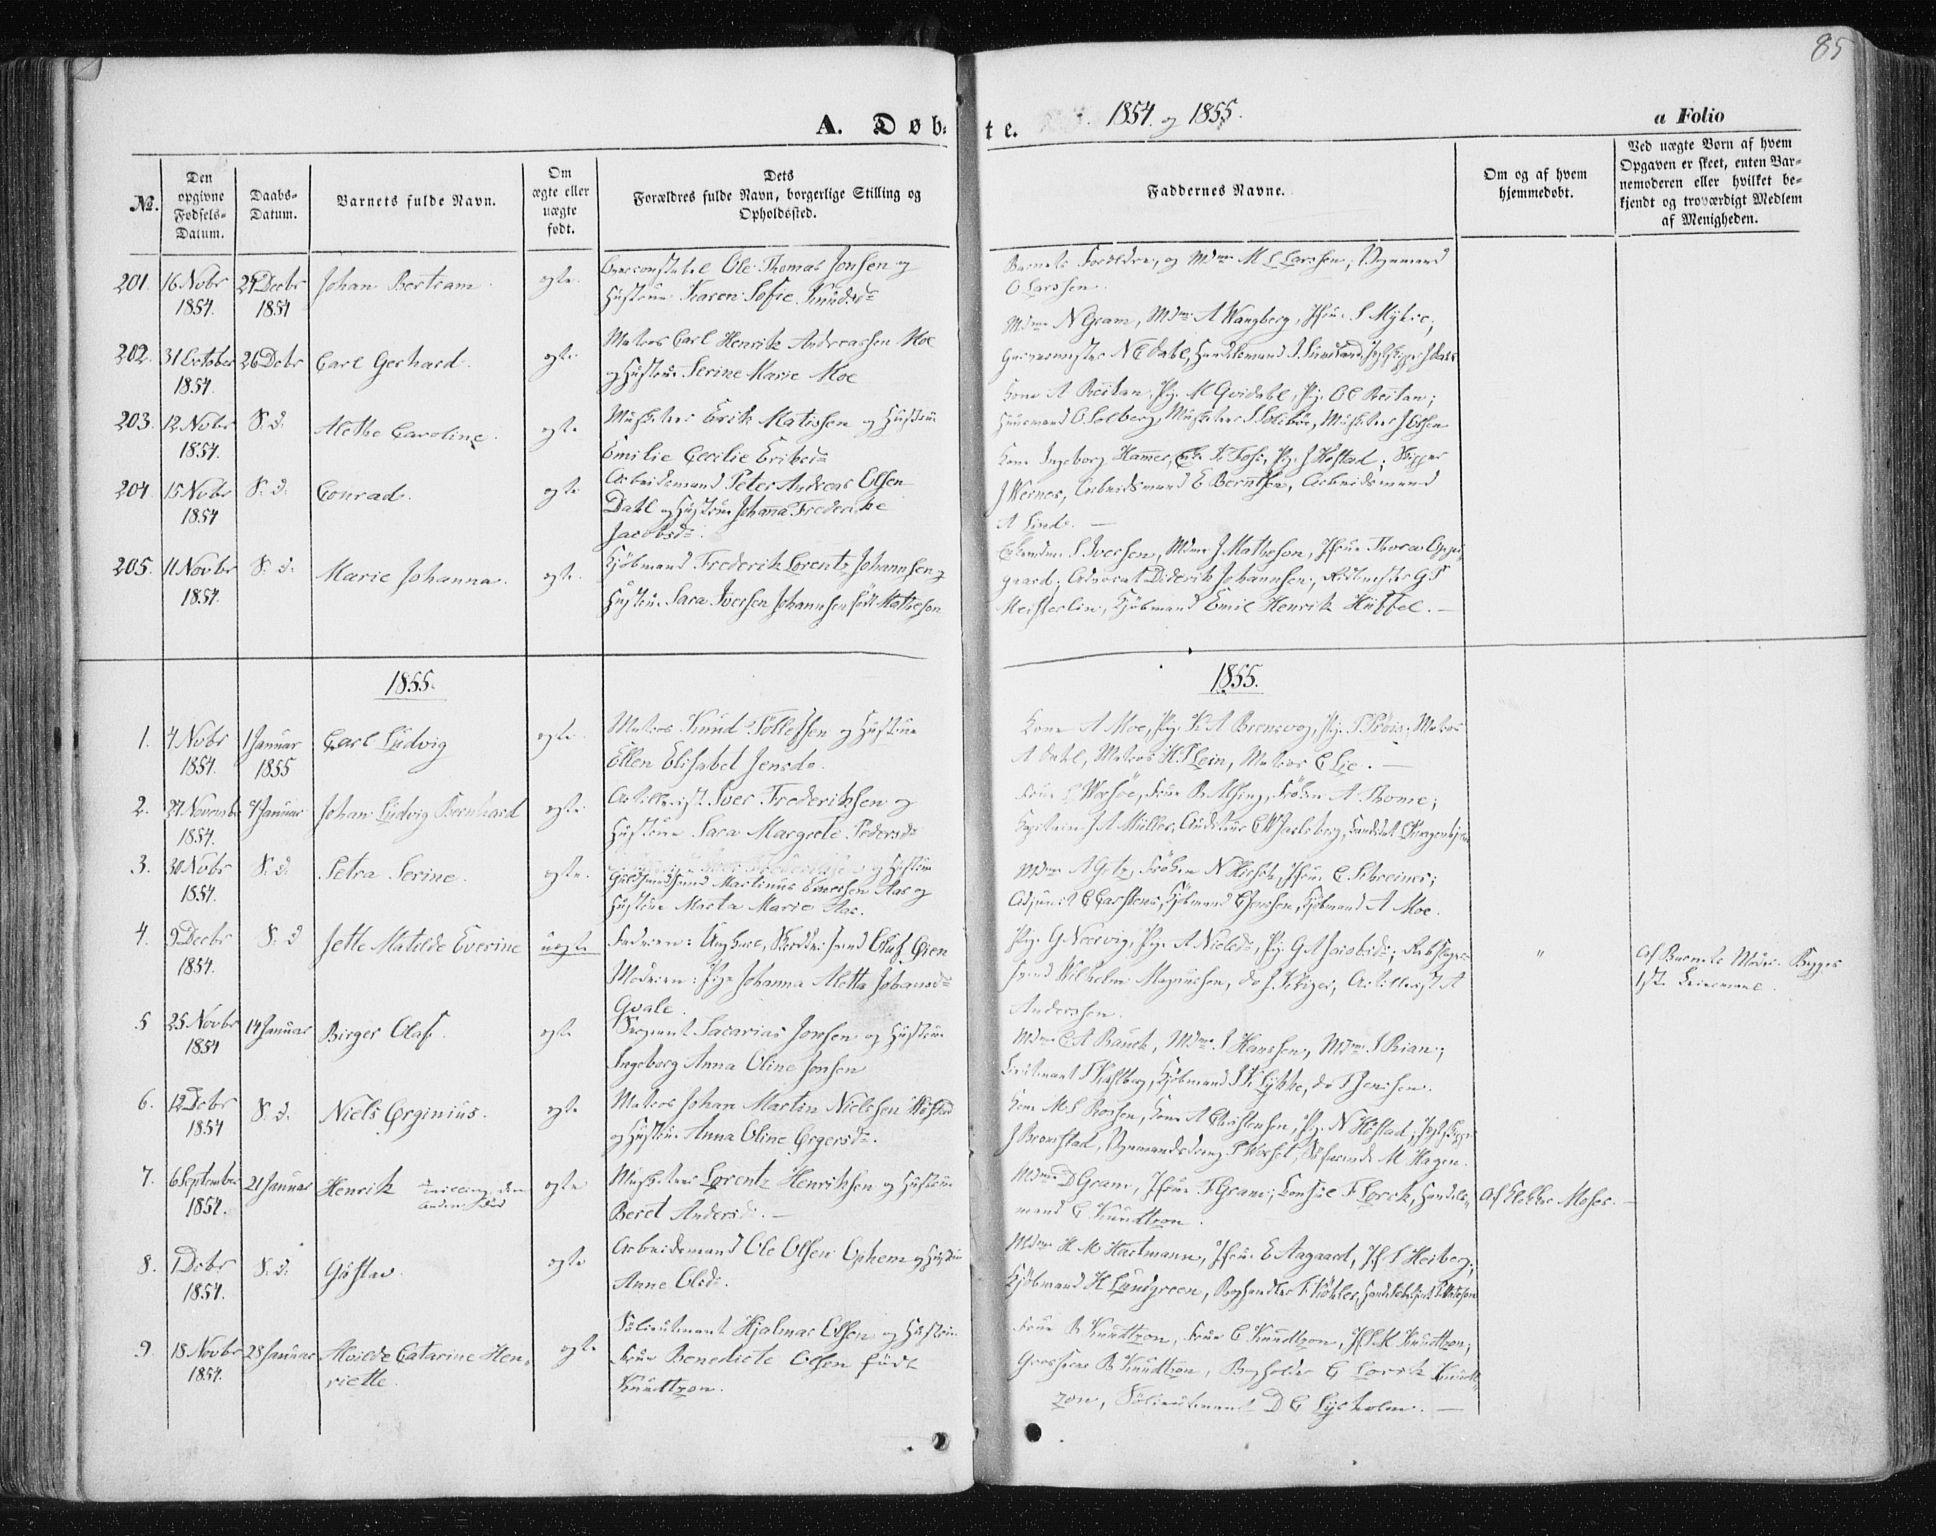 SAT, Ministerialprotokoller, klokkerbøker og fødselsregistre - Sør-Trøndelag, 602/L0112: Ministerialbok nr. 602A10, 1848-1859, s. 85